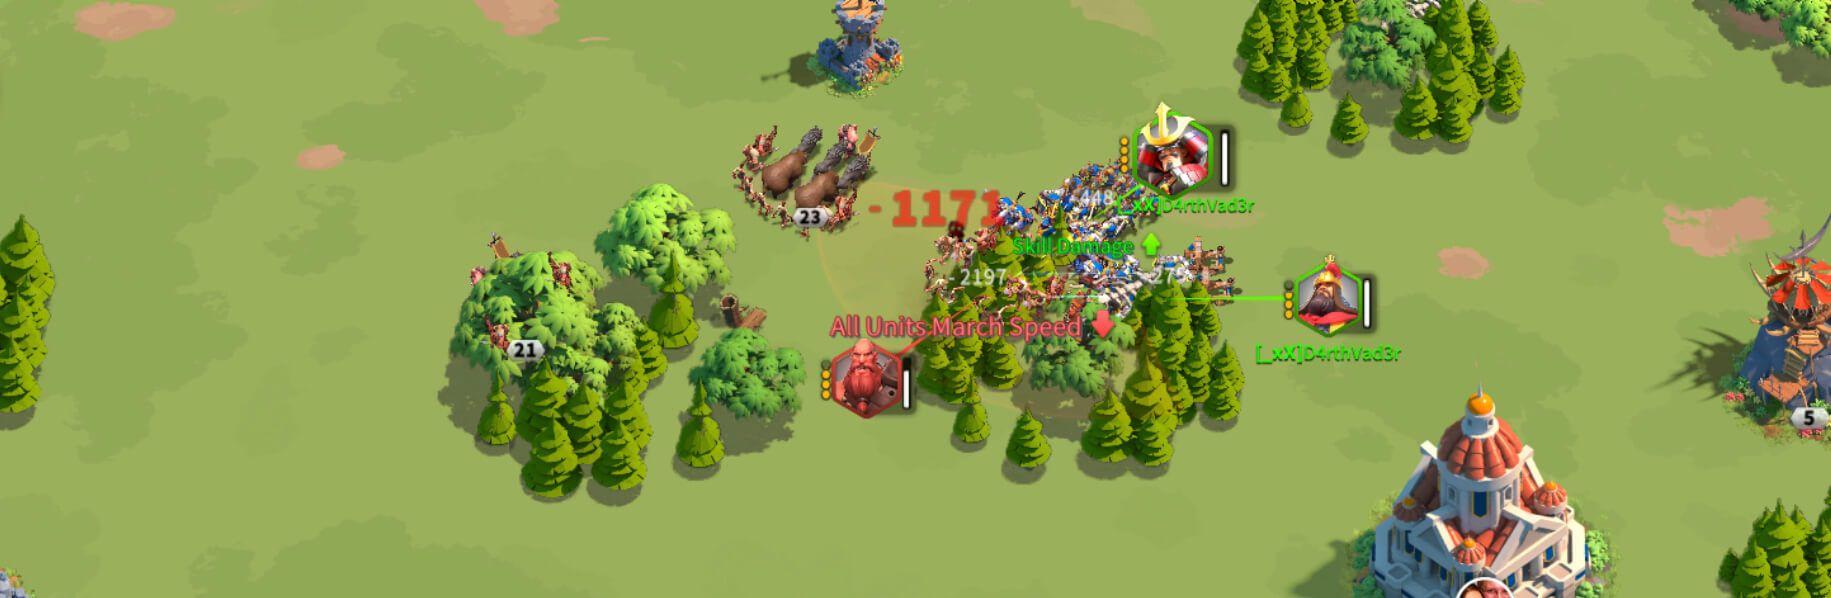 attacking barbarians